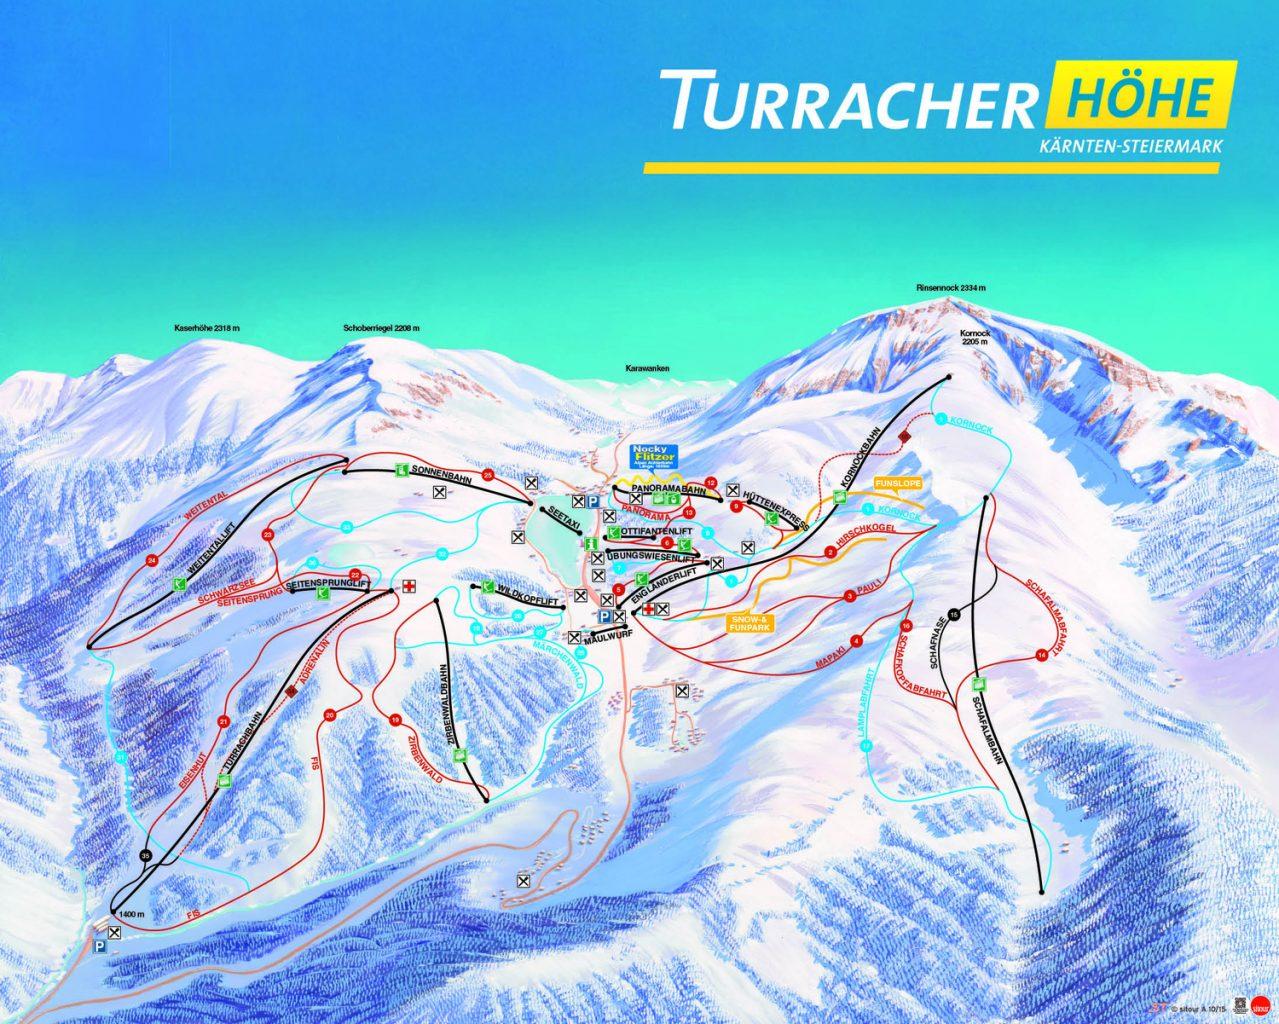 Turracher höhe sípálya